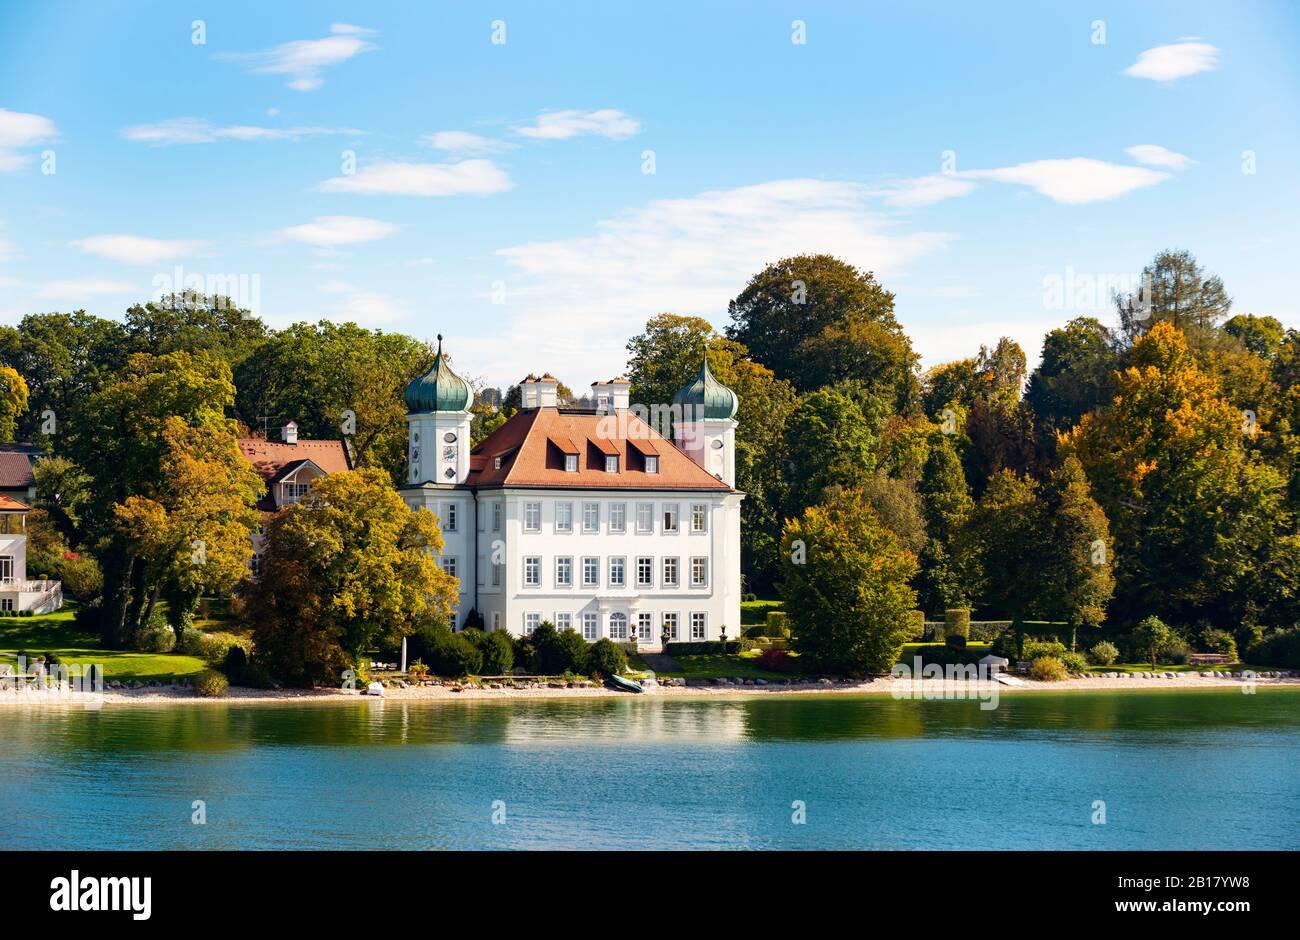 Schloss Ammerland oder Pocci-Schloss bei MŸnsing, Starnberger See, FŸnfseenland, Oberbayern, Bayern, Deutschland Stock Photo